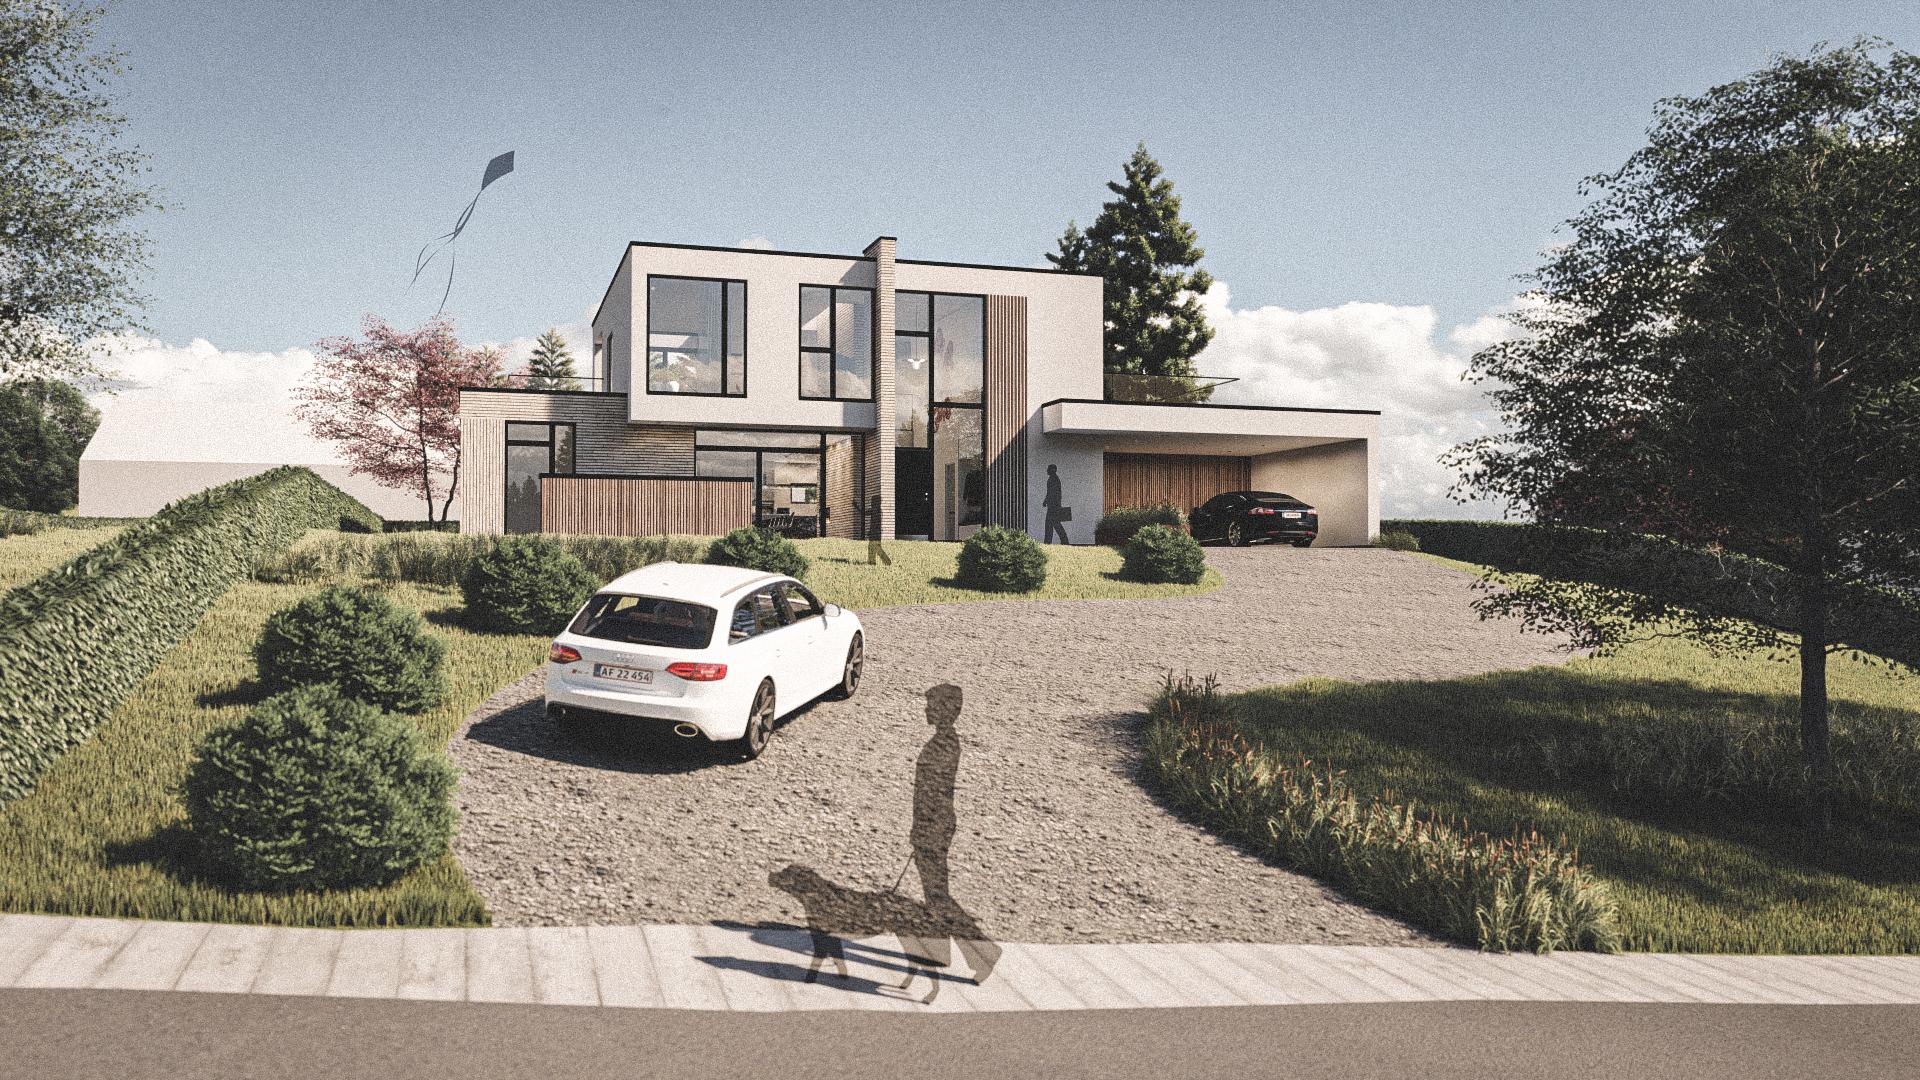 Billede af Dansk arkitekttegnet 2 plan villa af arkitektfirmaet m2plus, i Højbjerg på 265 kvartratmeter.